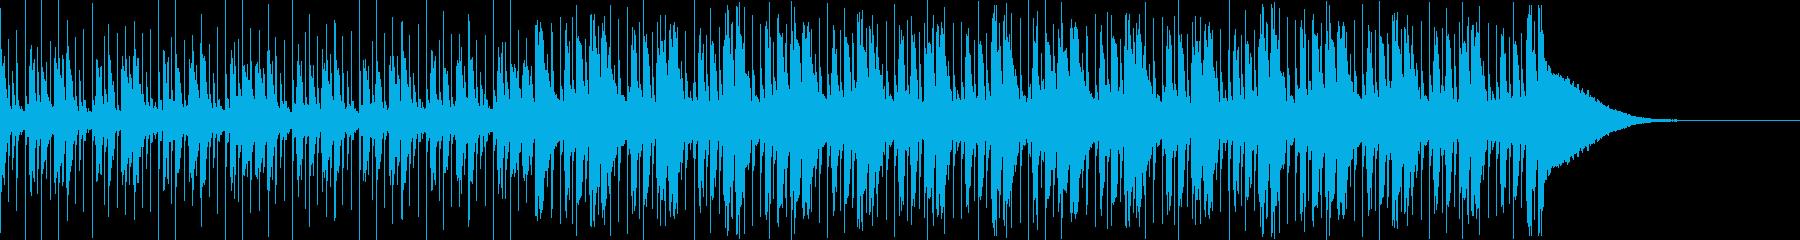 Pf「喰処」和風現代ジャズの再生済みの波形